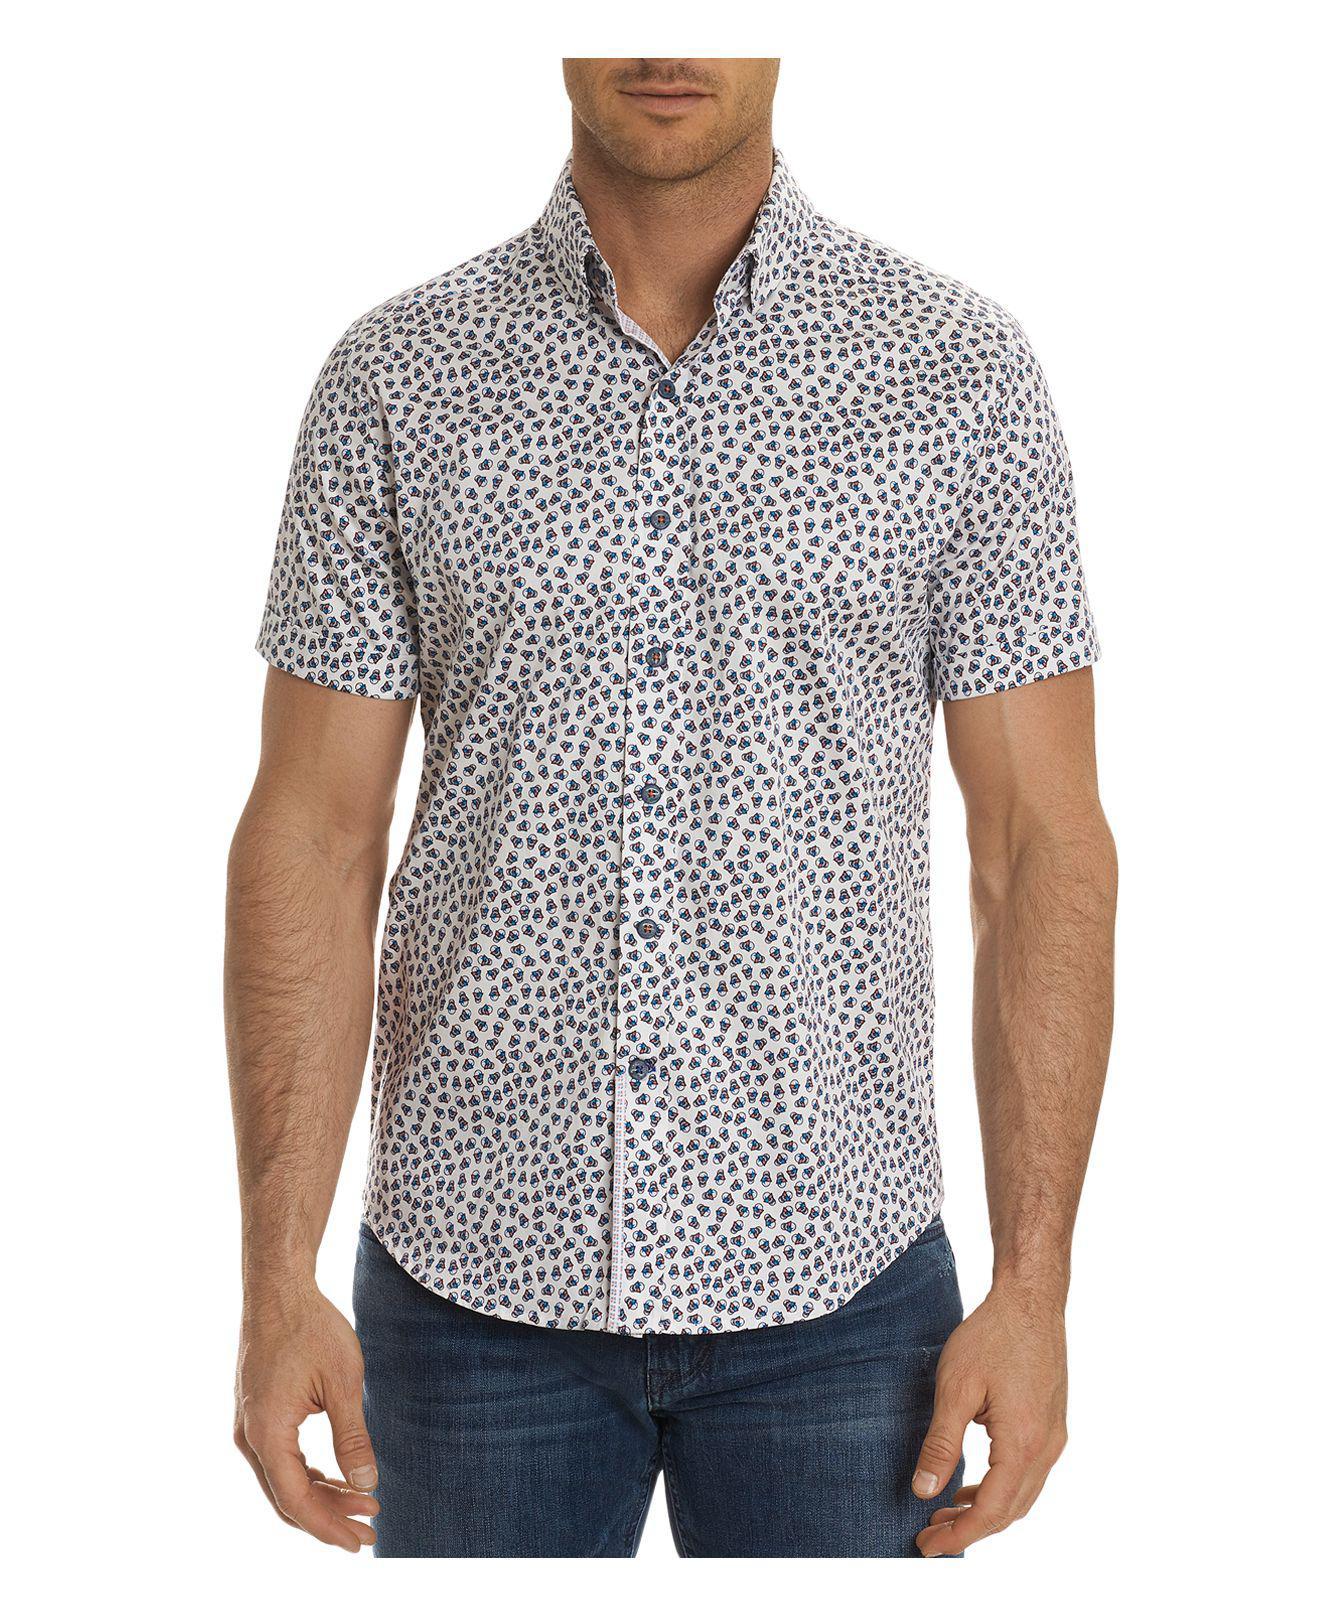 Robert graham anders aviator skull short sleeve button for White short sleeve button down shirts for men